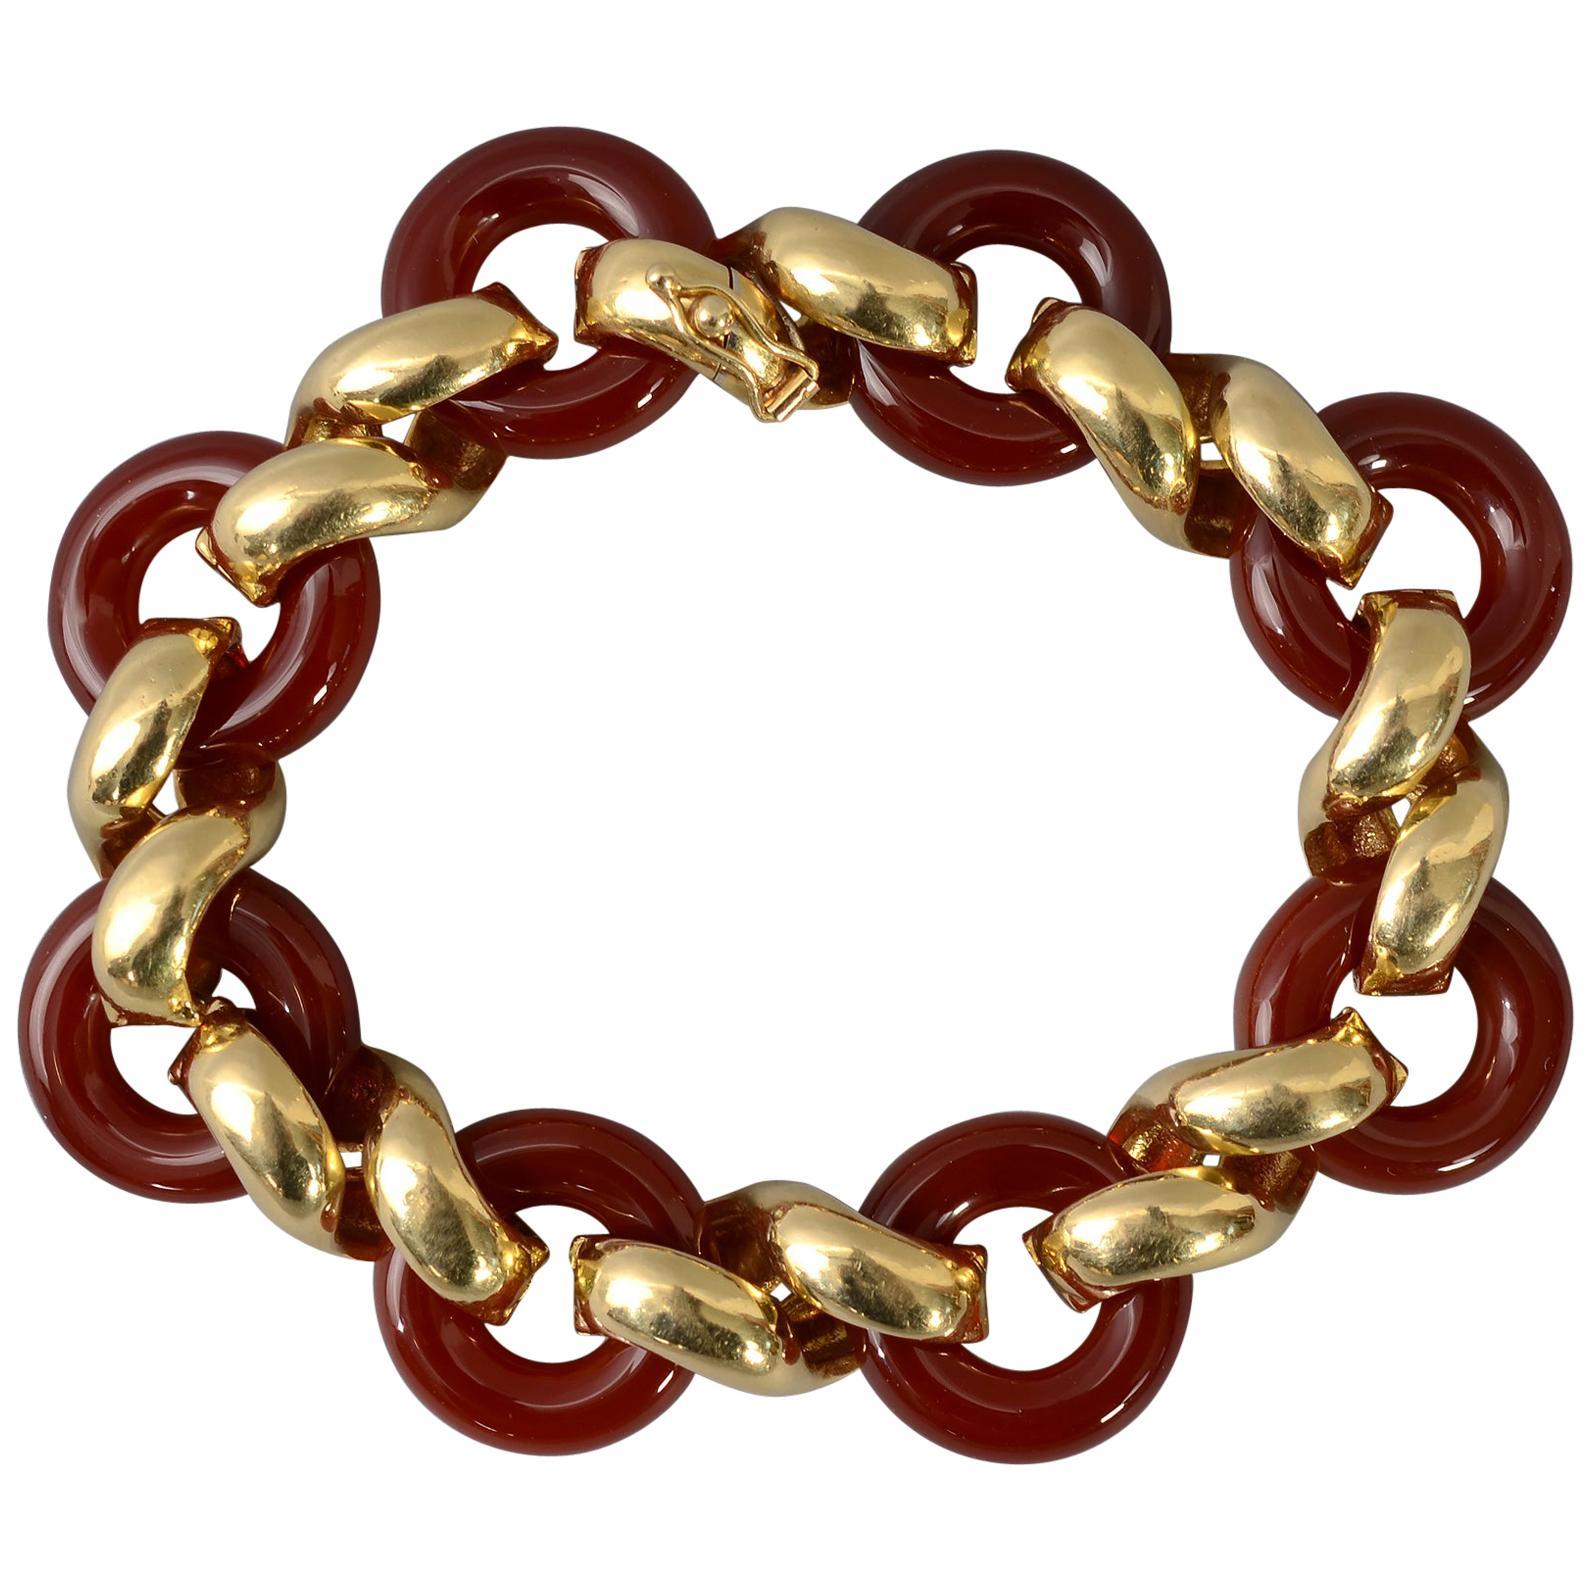 Van Cleef & Arpels Carnelian Gold Bracelet